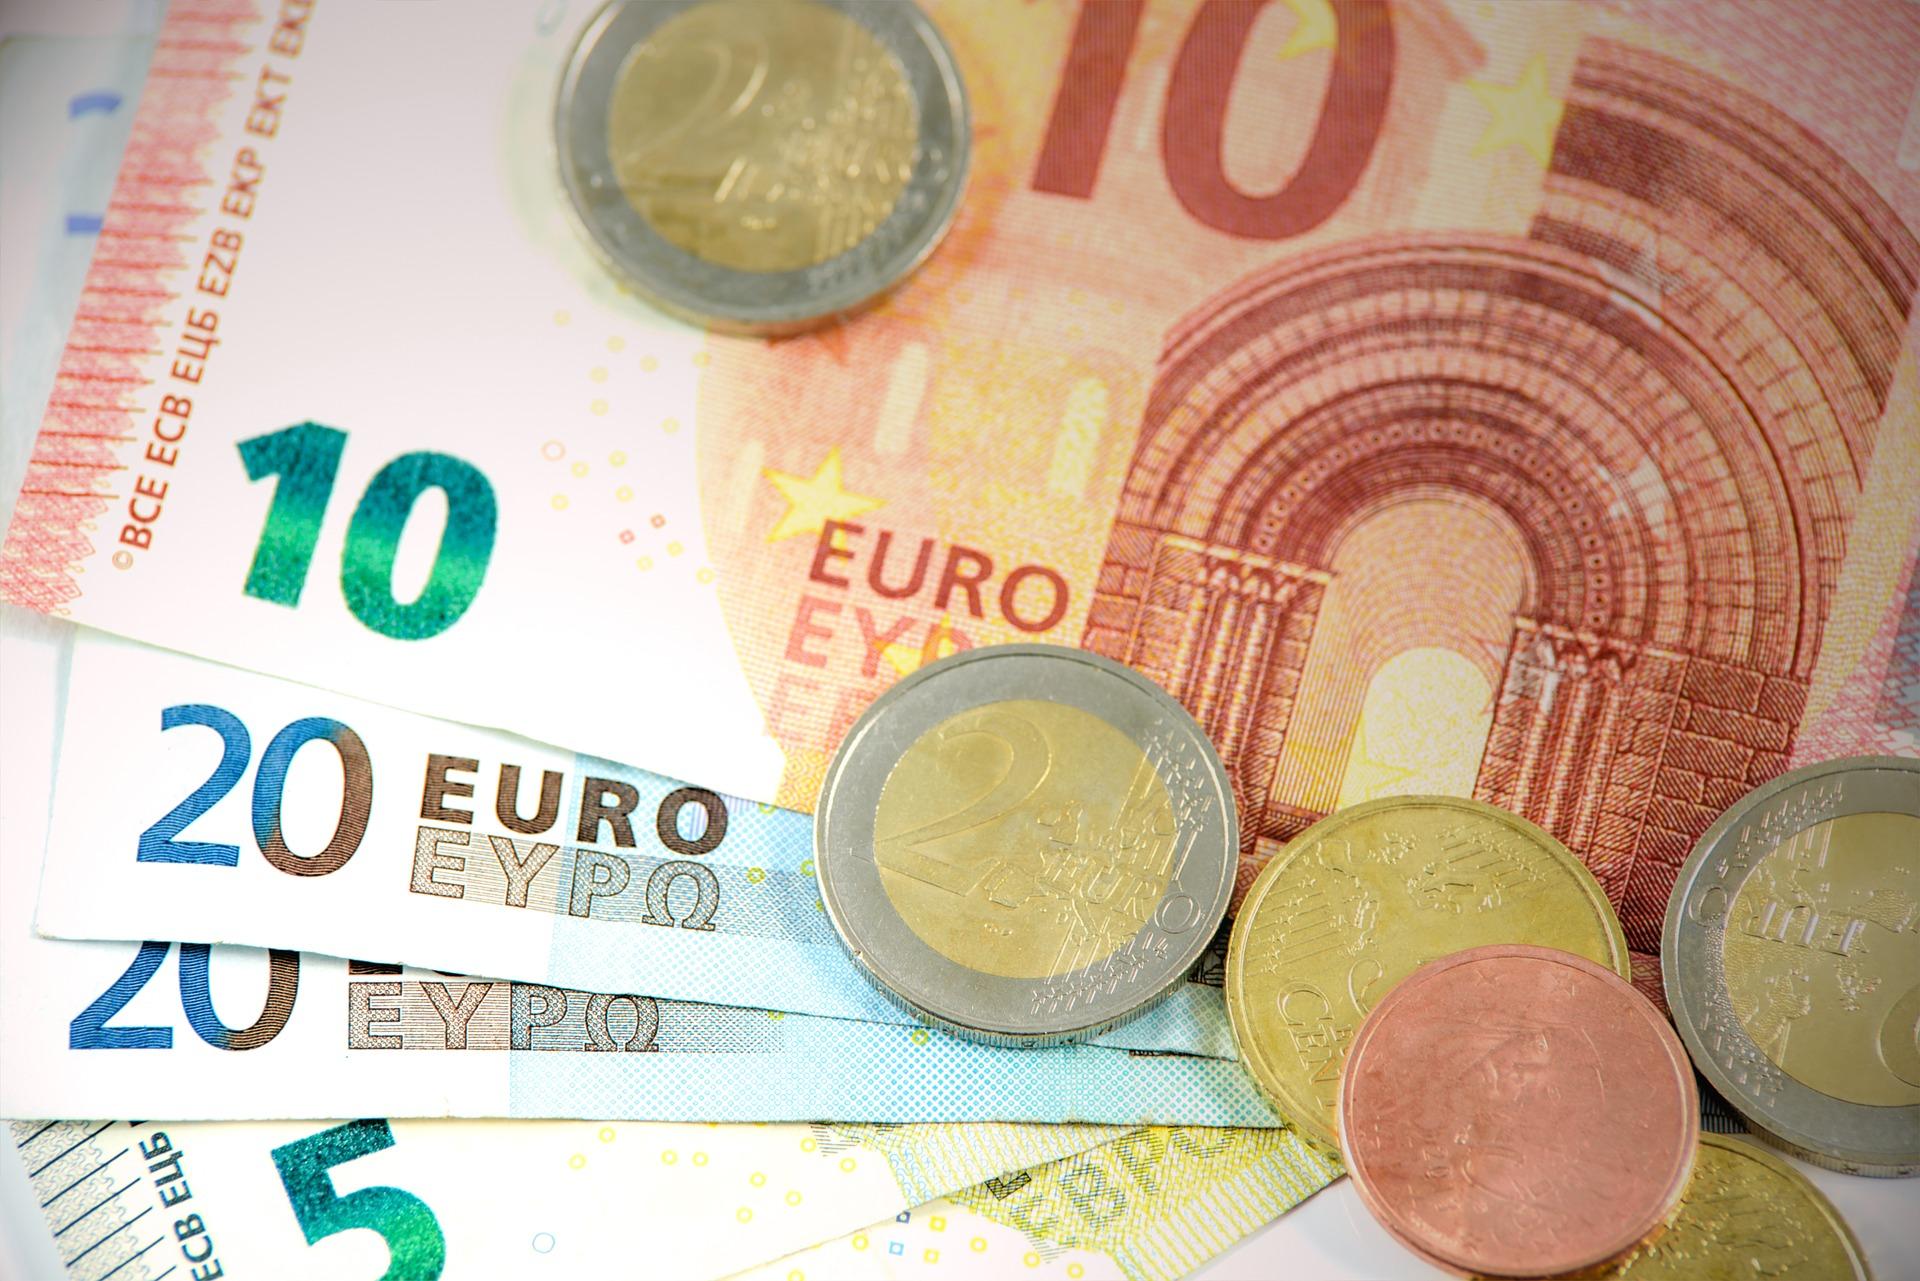 Billetes y monedas de euros